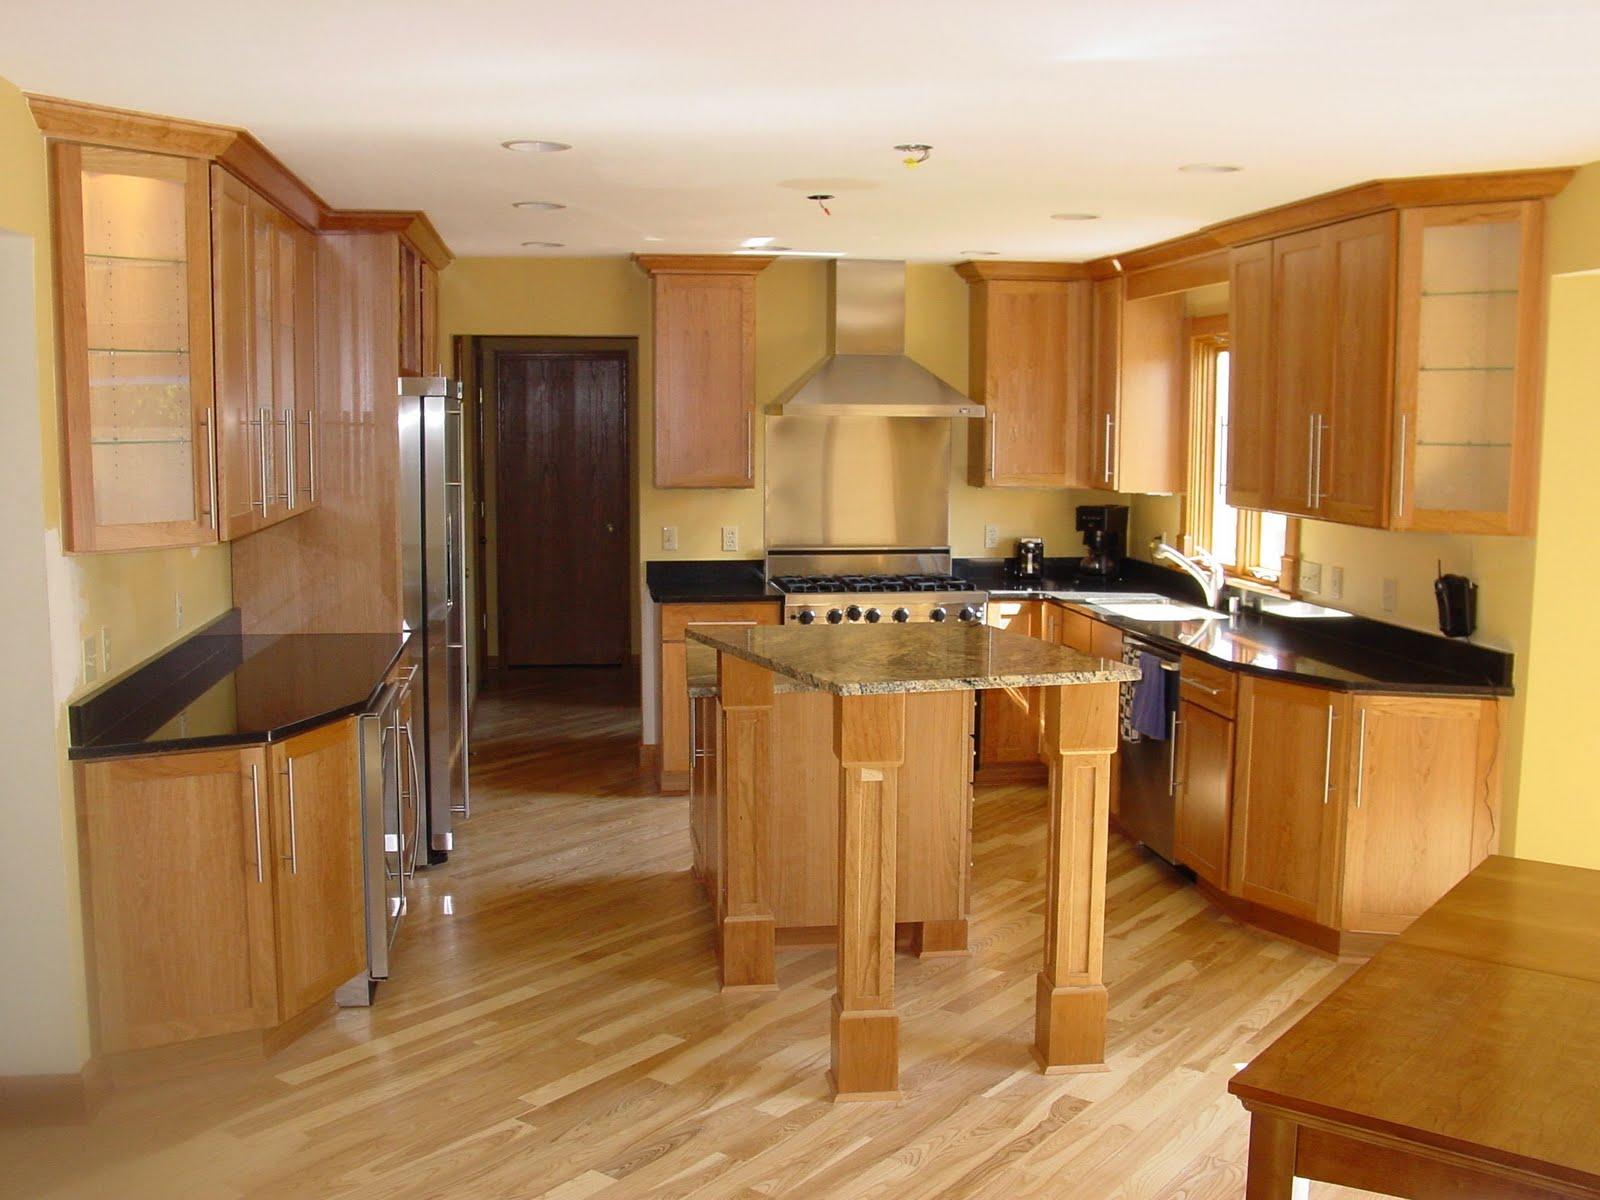 Fotos y dise os de cocinas en madera ideas para decorar for Imagenes de decoracion de cocinas